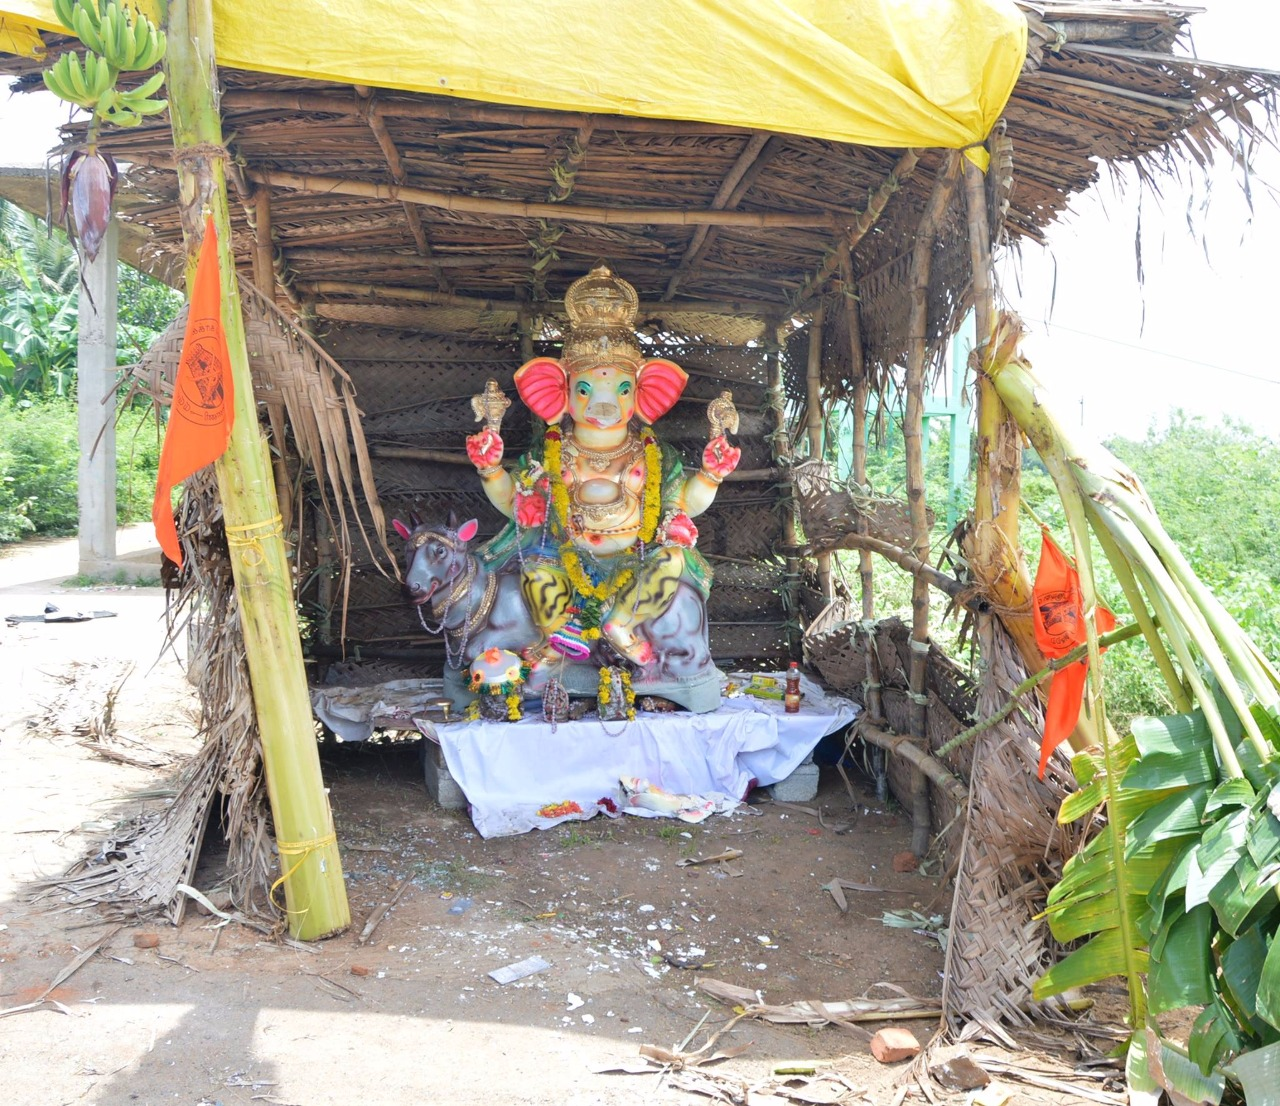 நல்லூரில் வைக்கிப்பட்டிருந்த விநாயகர் சிலை